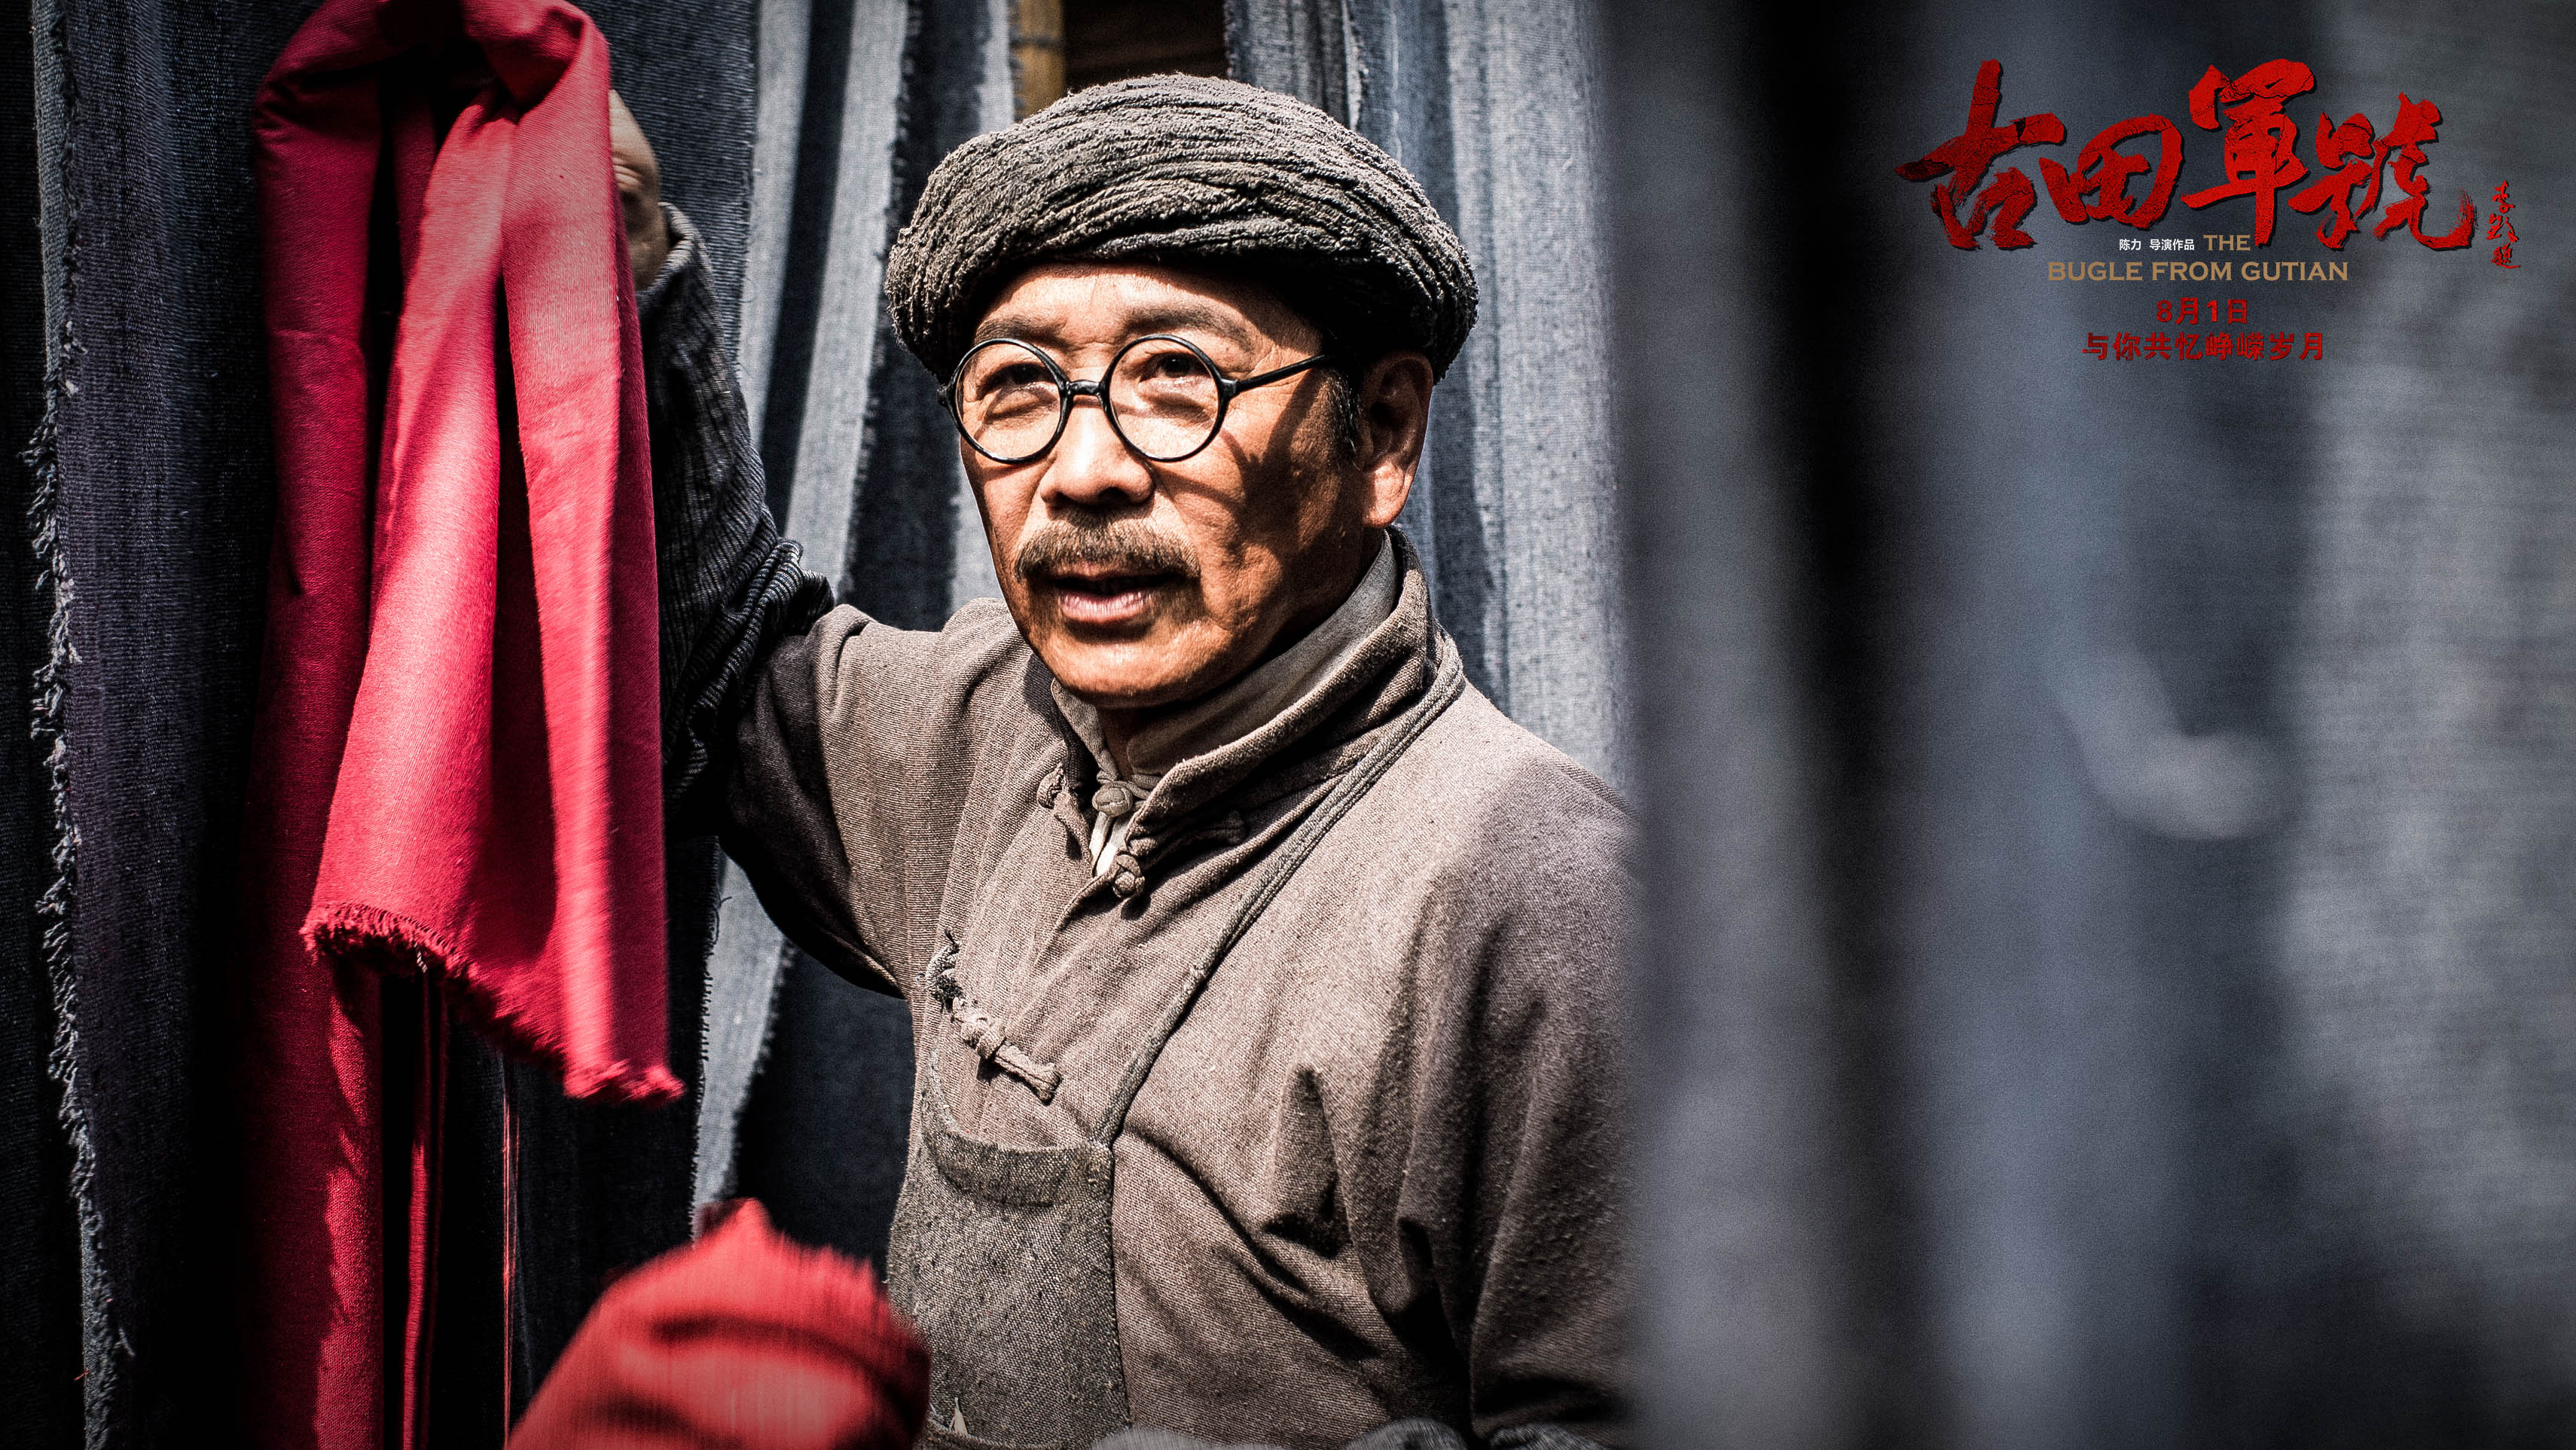 李幼斌孙维民《古田军号》饰演小人物 演技精湛接地气